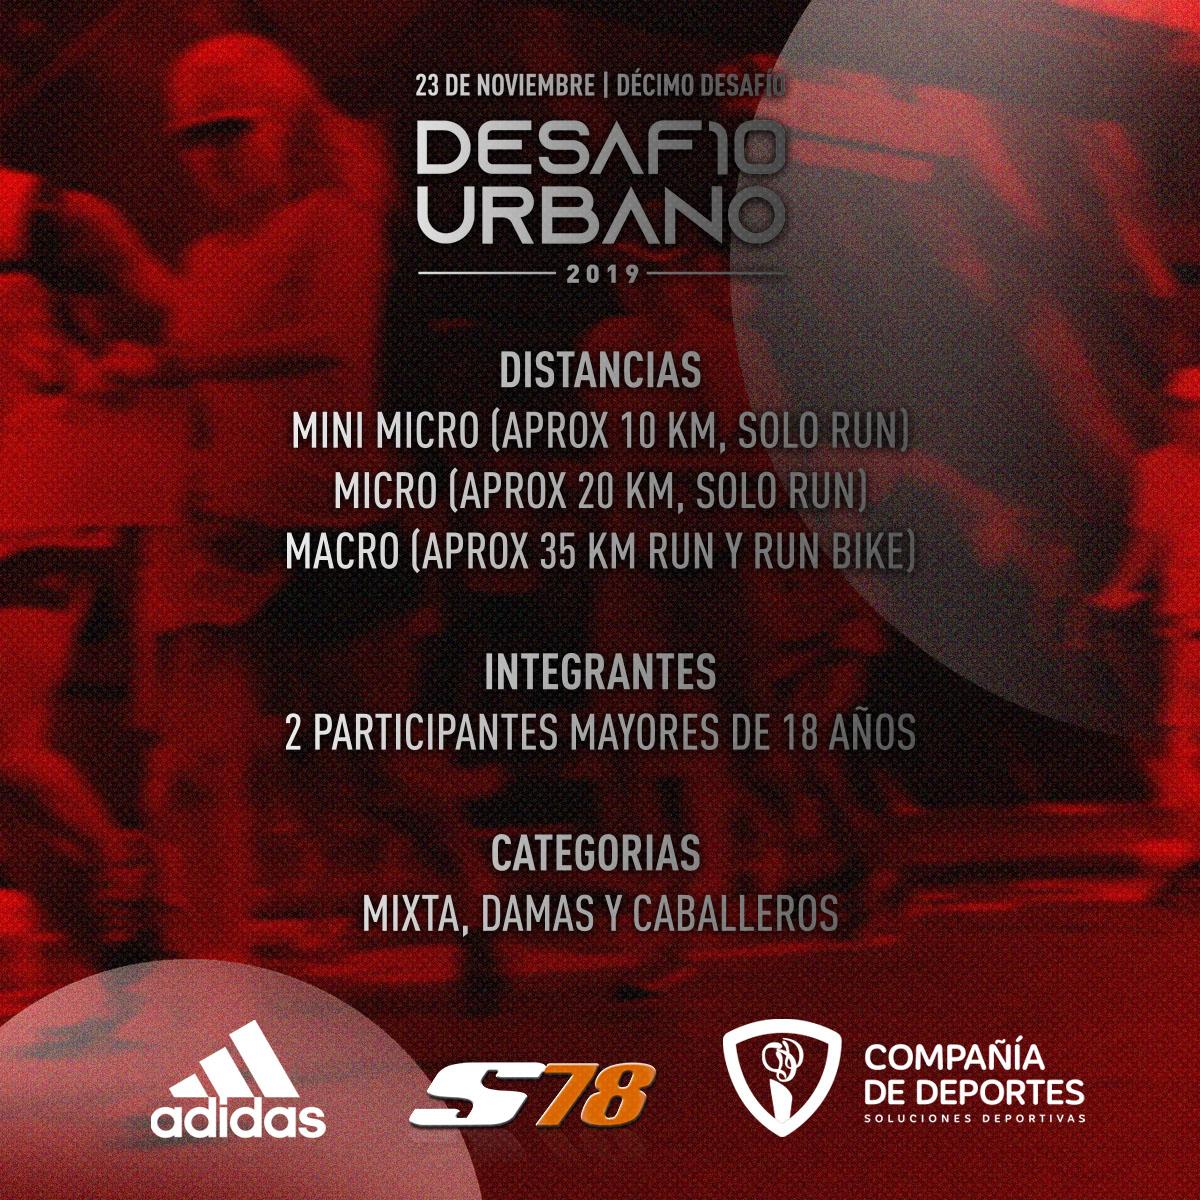 Desafio urbano flyer_2